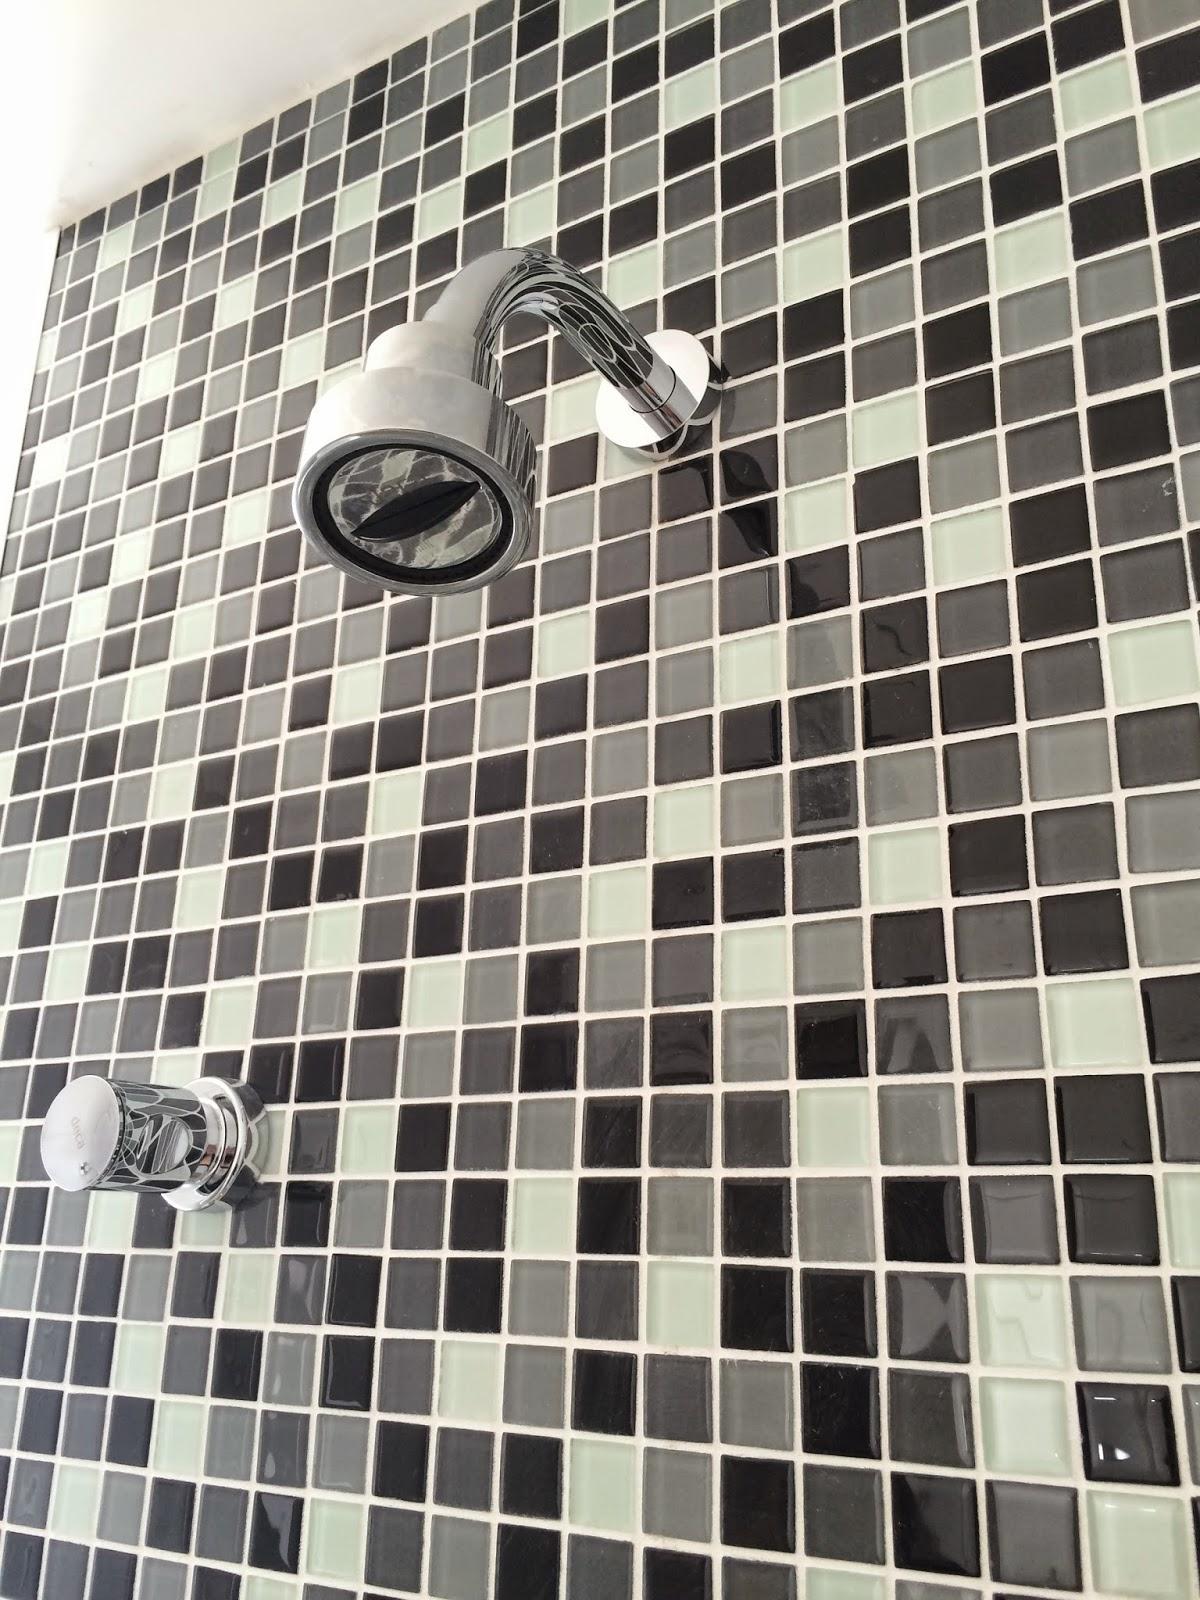 Apê 114: Duchas e Acessórios dos banheiros instalados! #787354 1200x1600 Acessorios Banheiro China